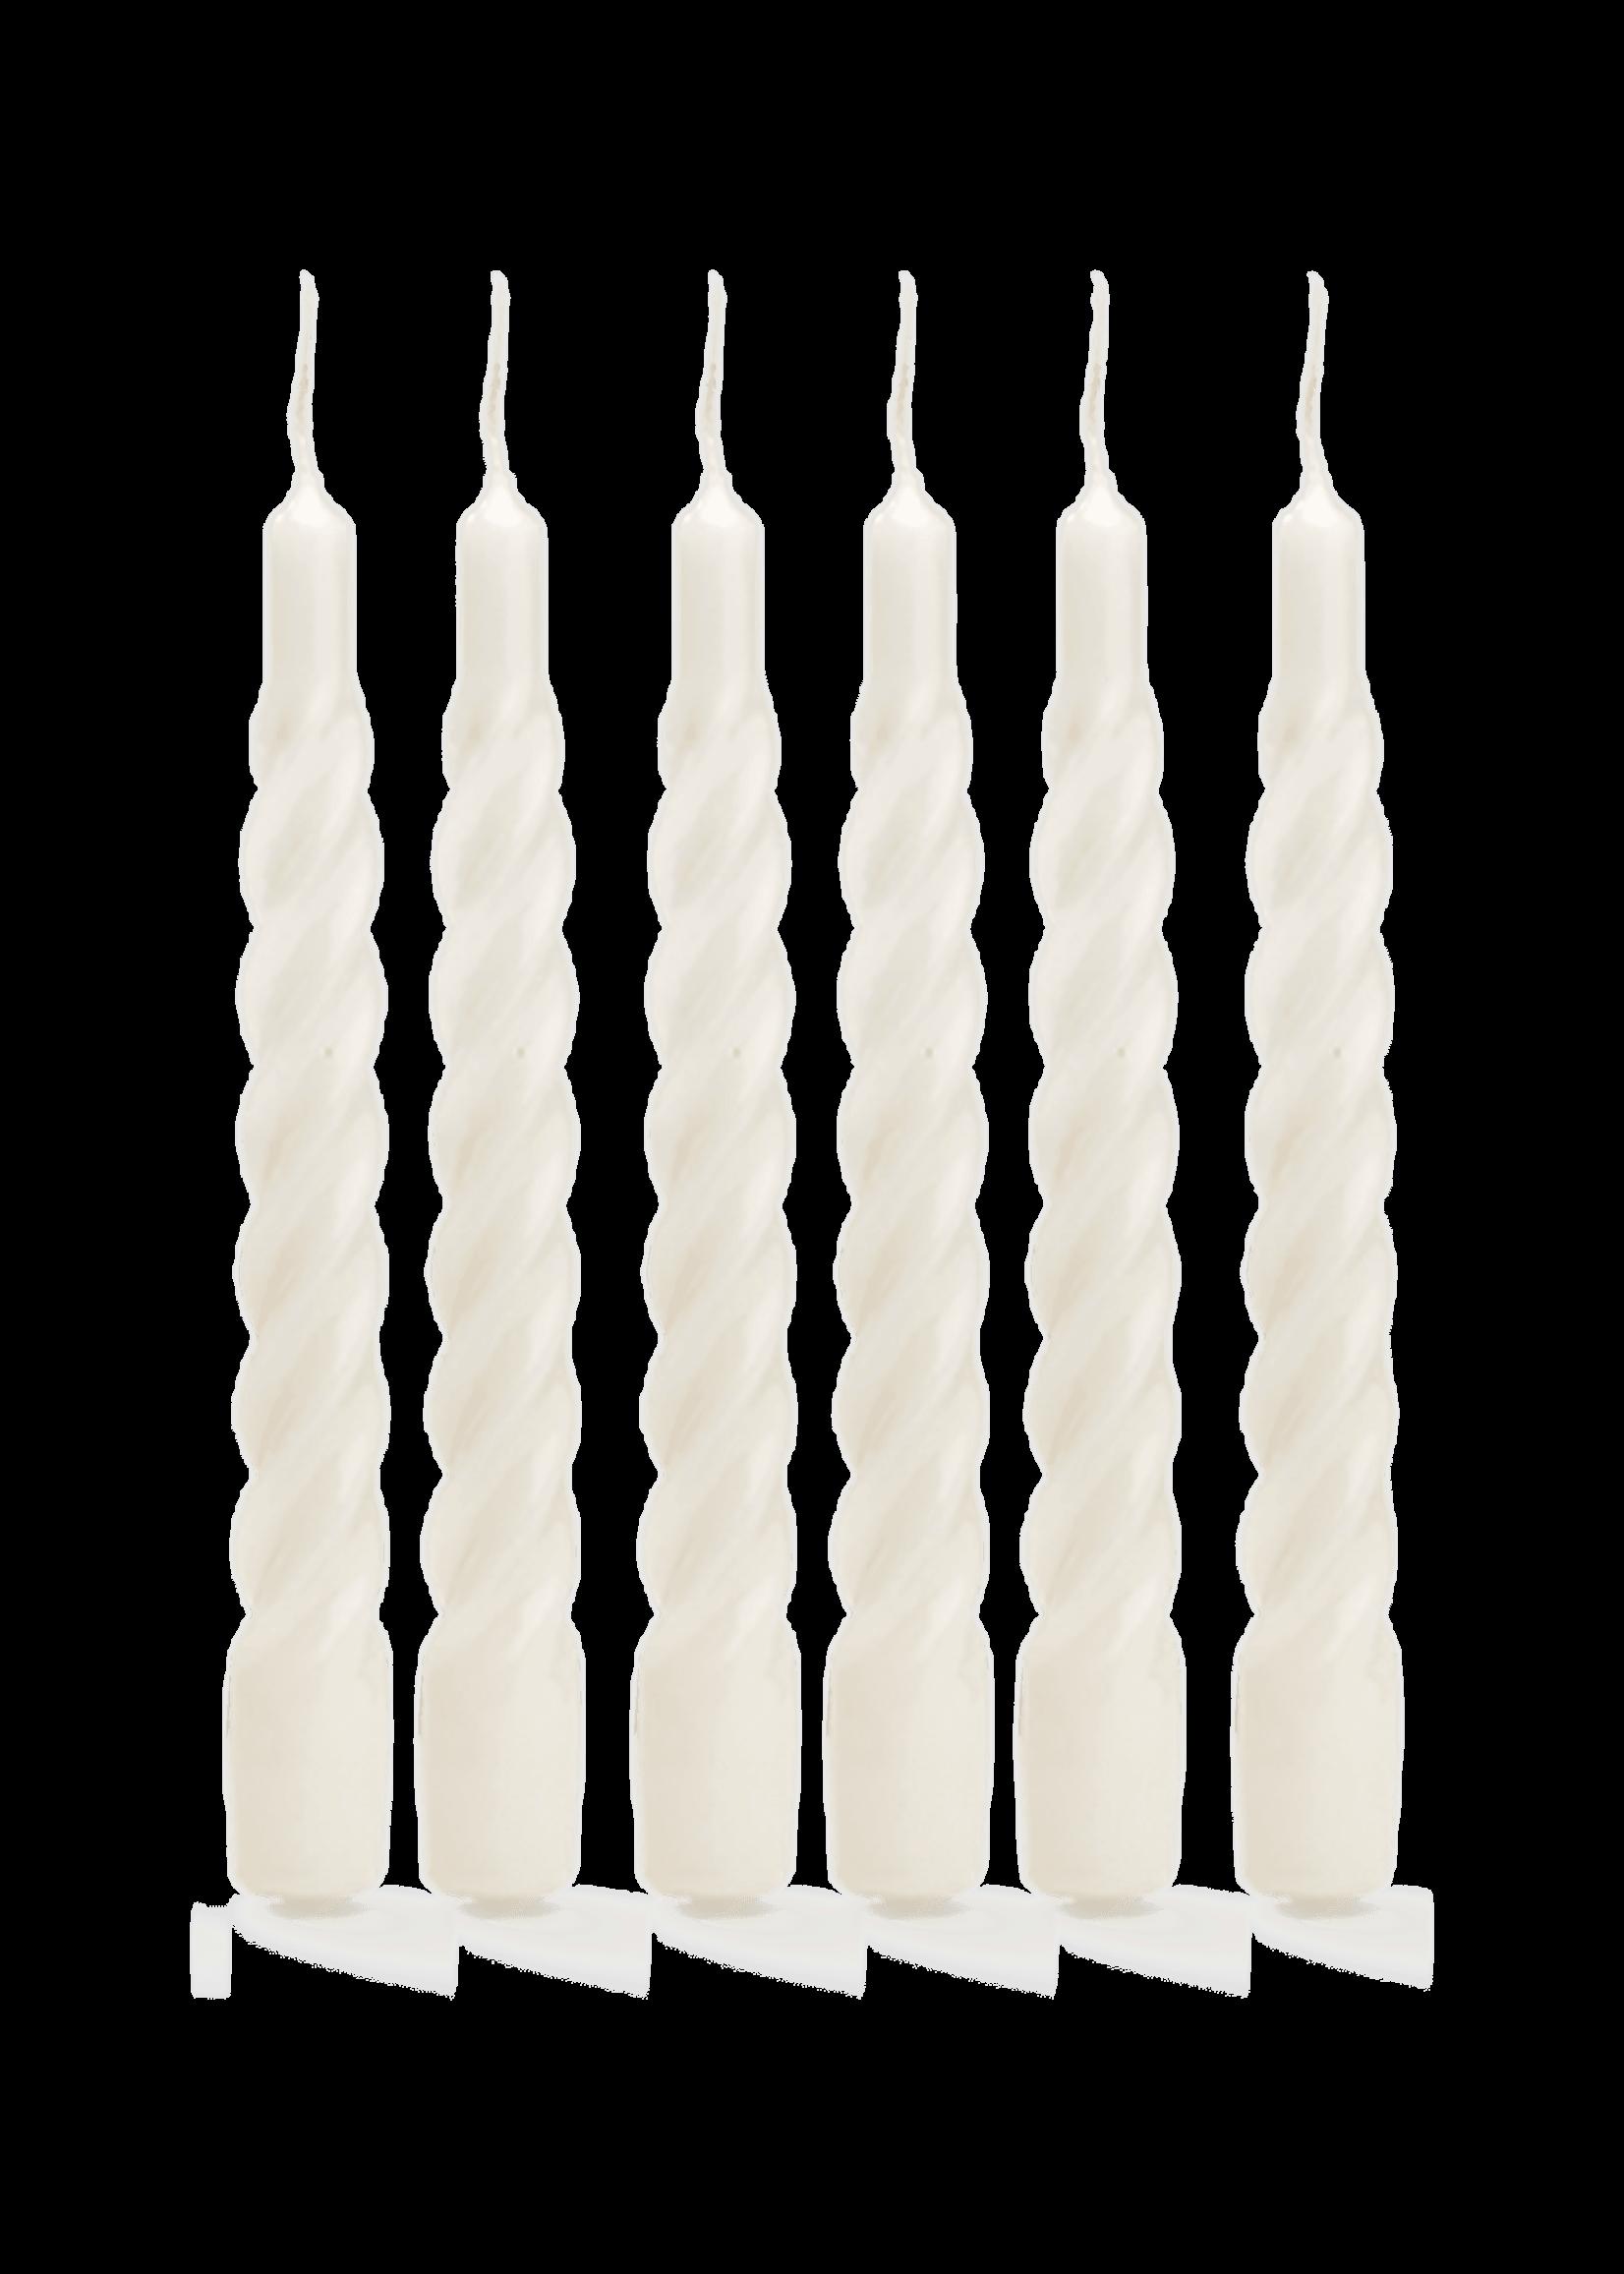 TWISTED CANDLE SHINY WHITE